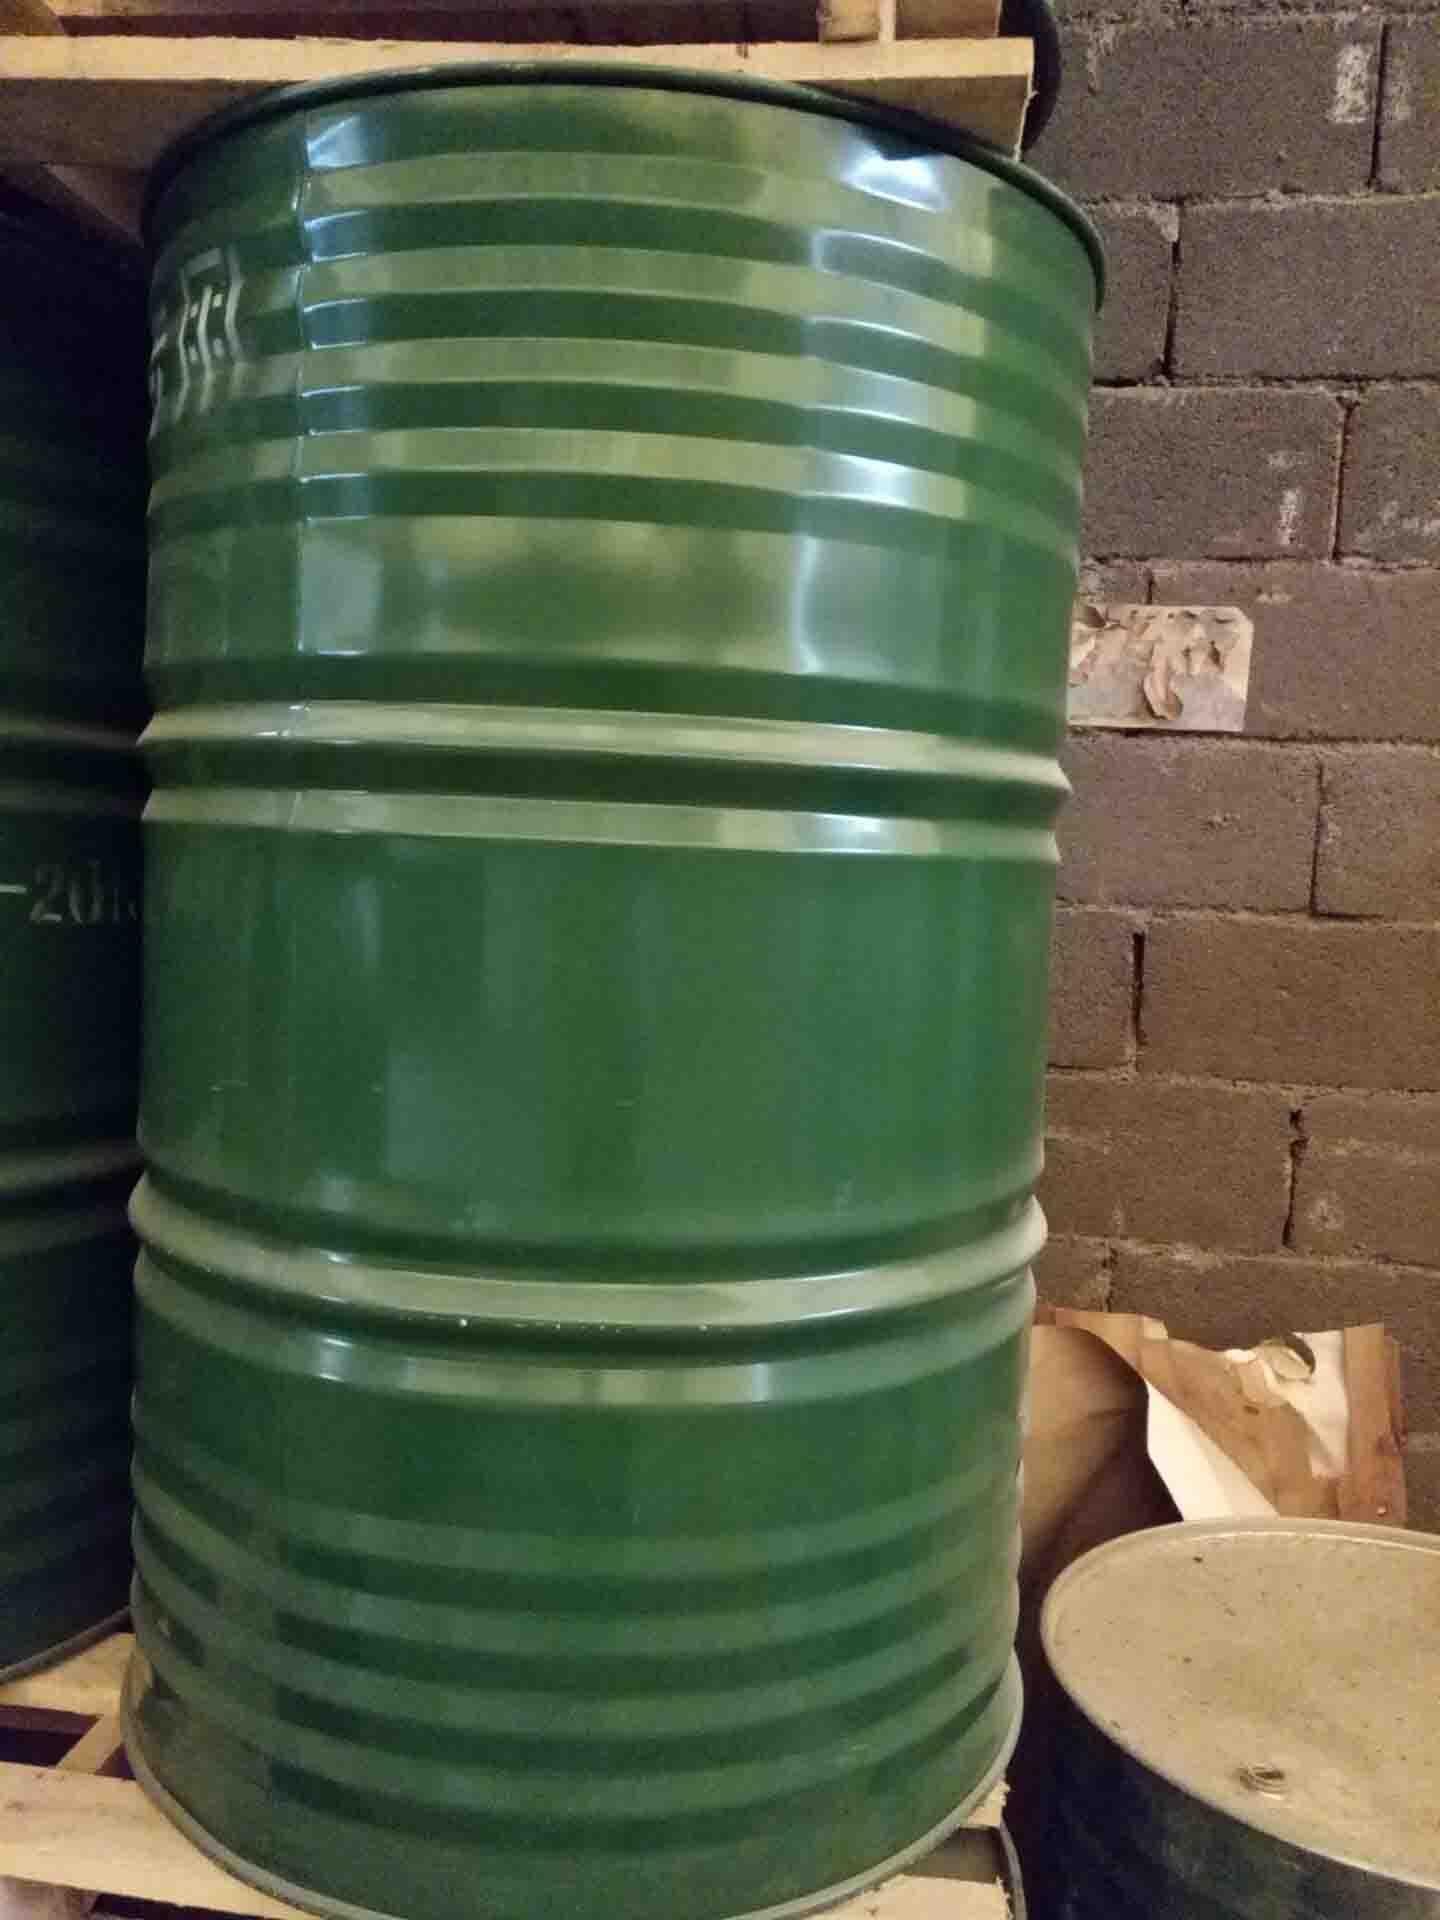 橡胶防老剂8PPD供应厂家-质量可靠的橡胶防老剂8PPD达源贸易品质推荐